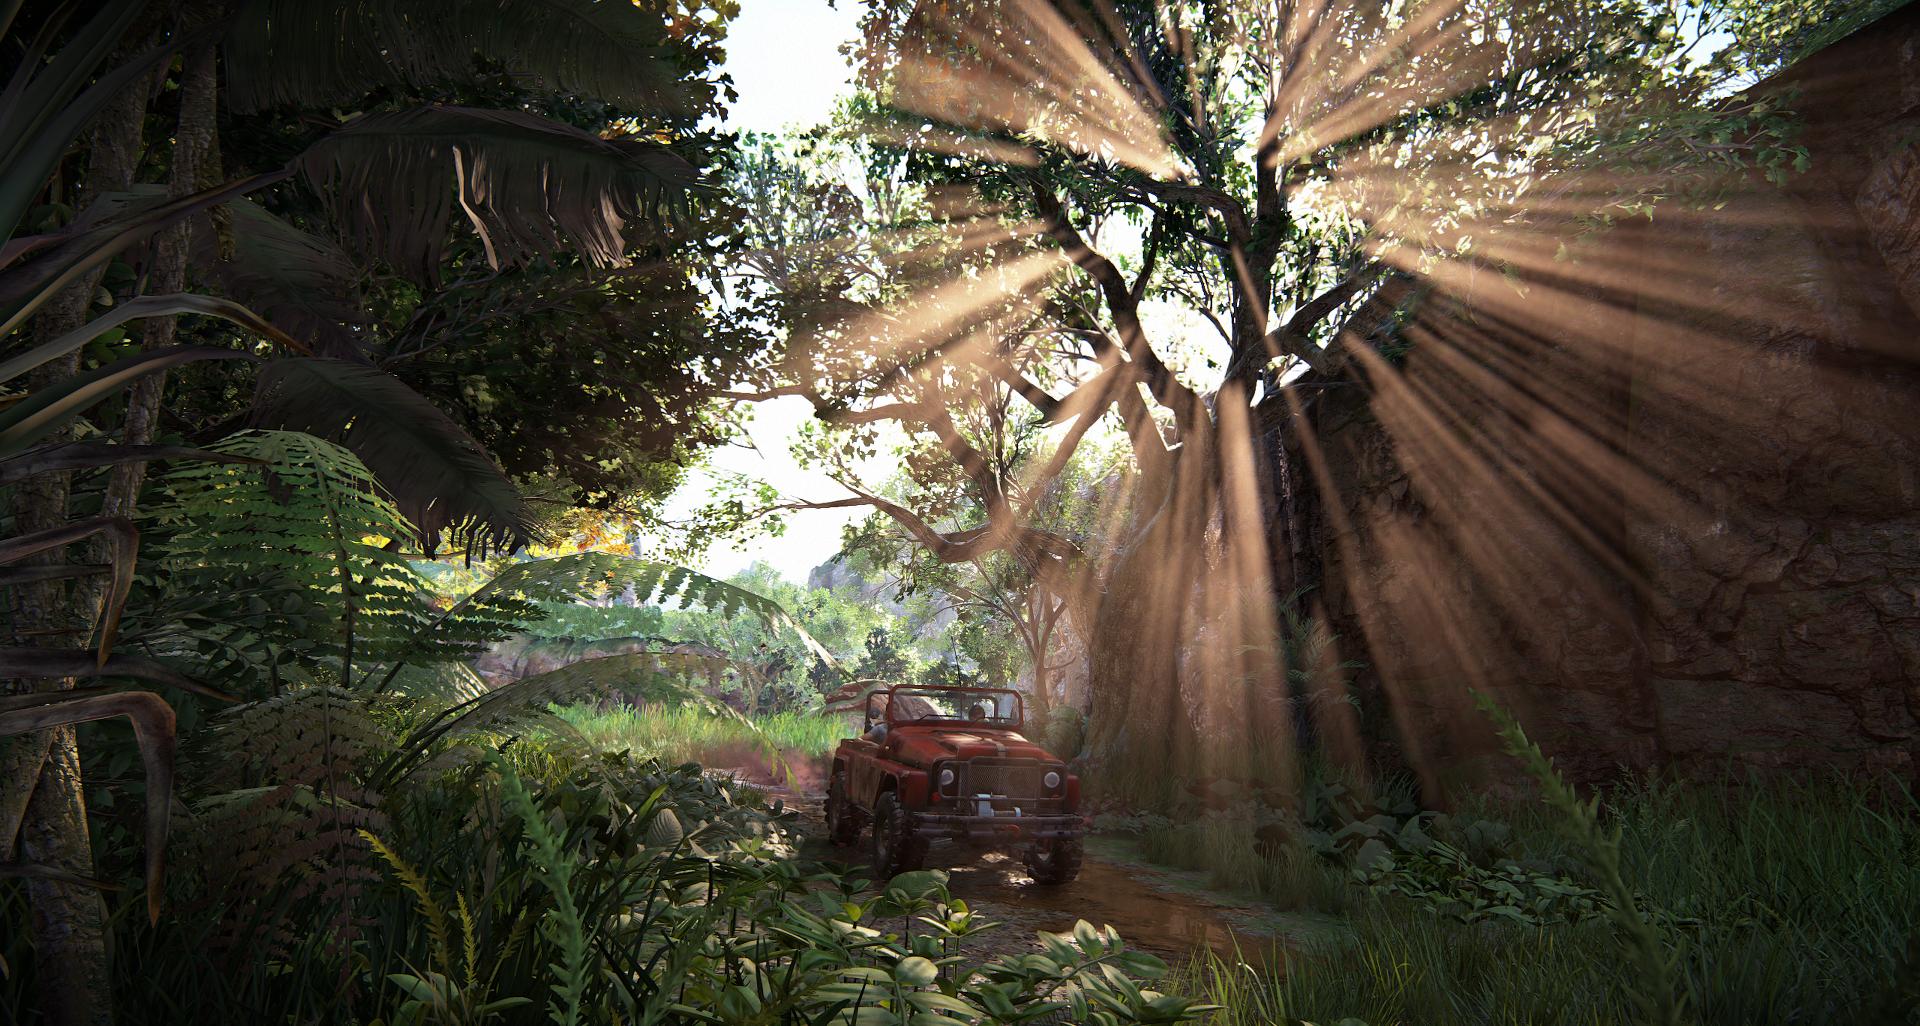 Как освещение влияет на геймдизайн и игровой опыт